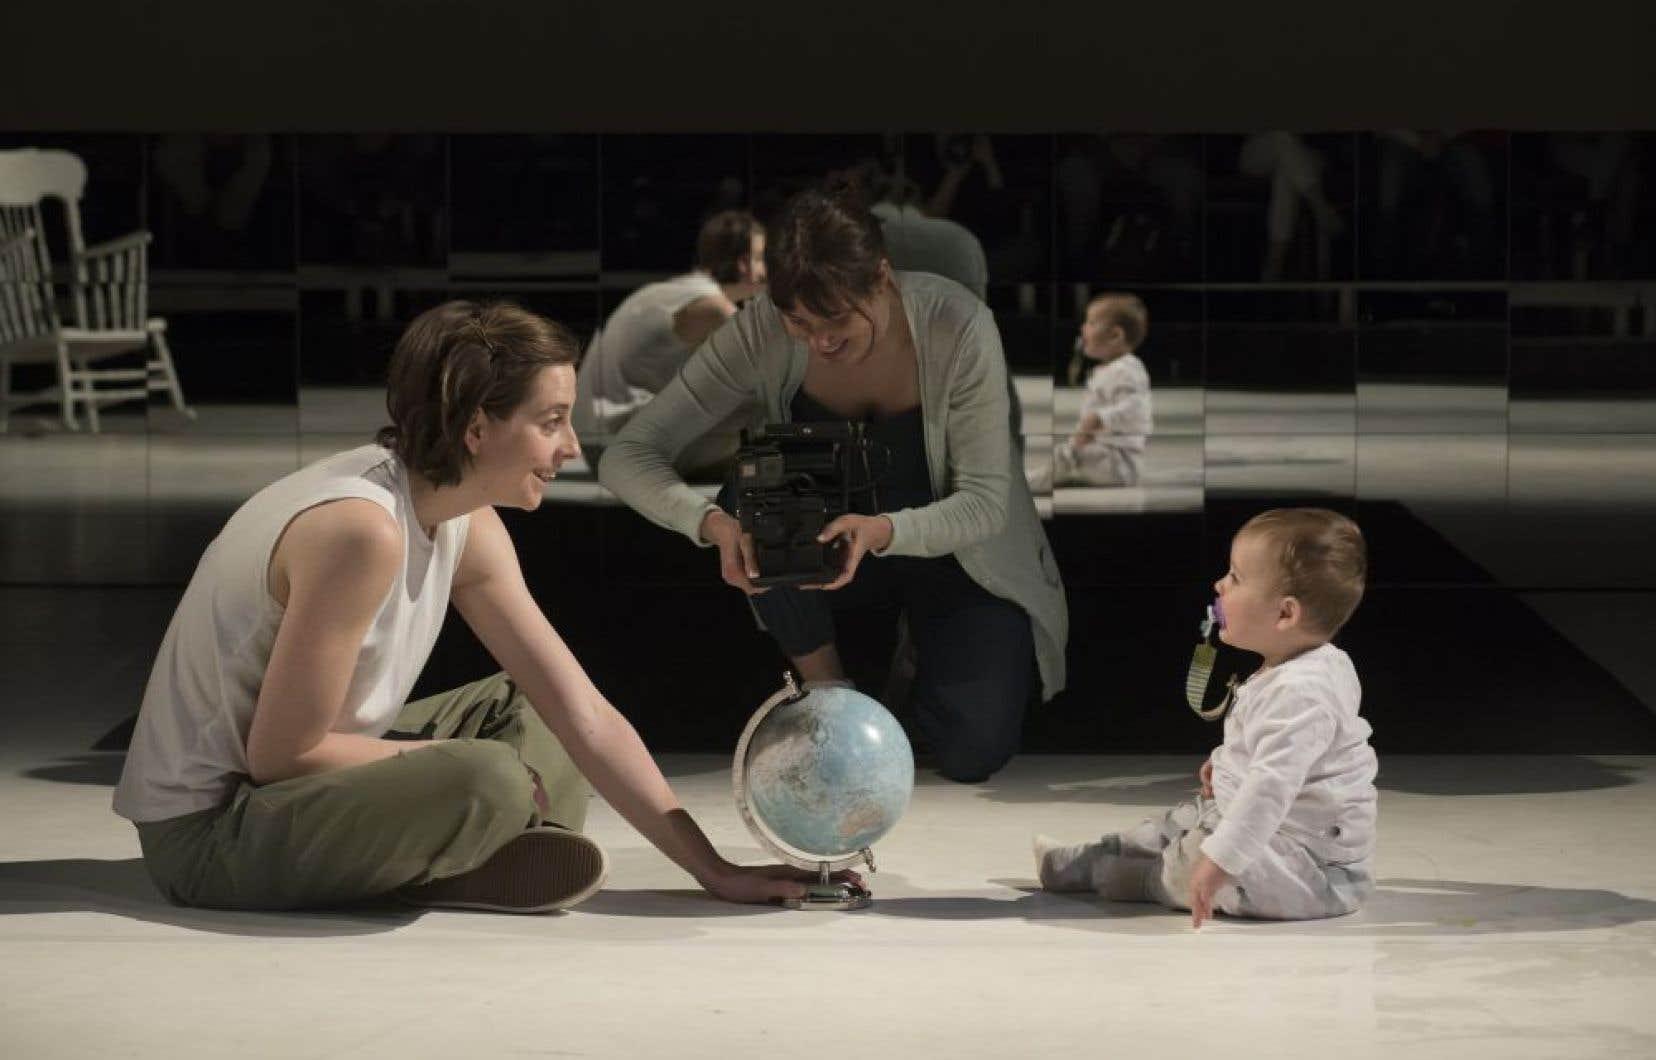 Scène de «Bébés» sur Tou.tv